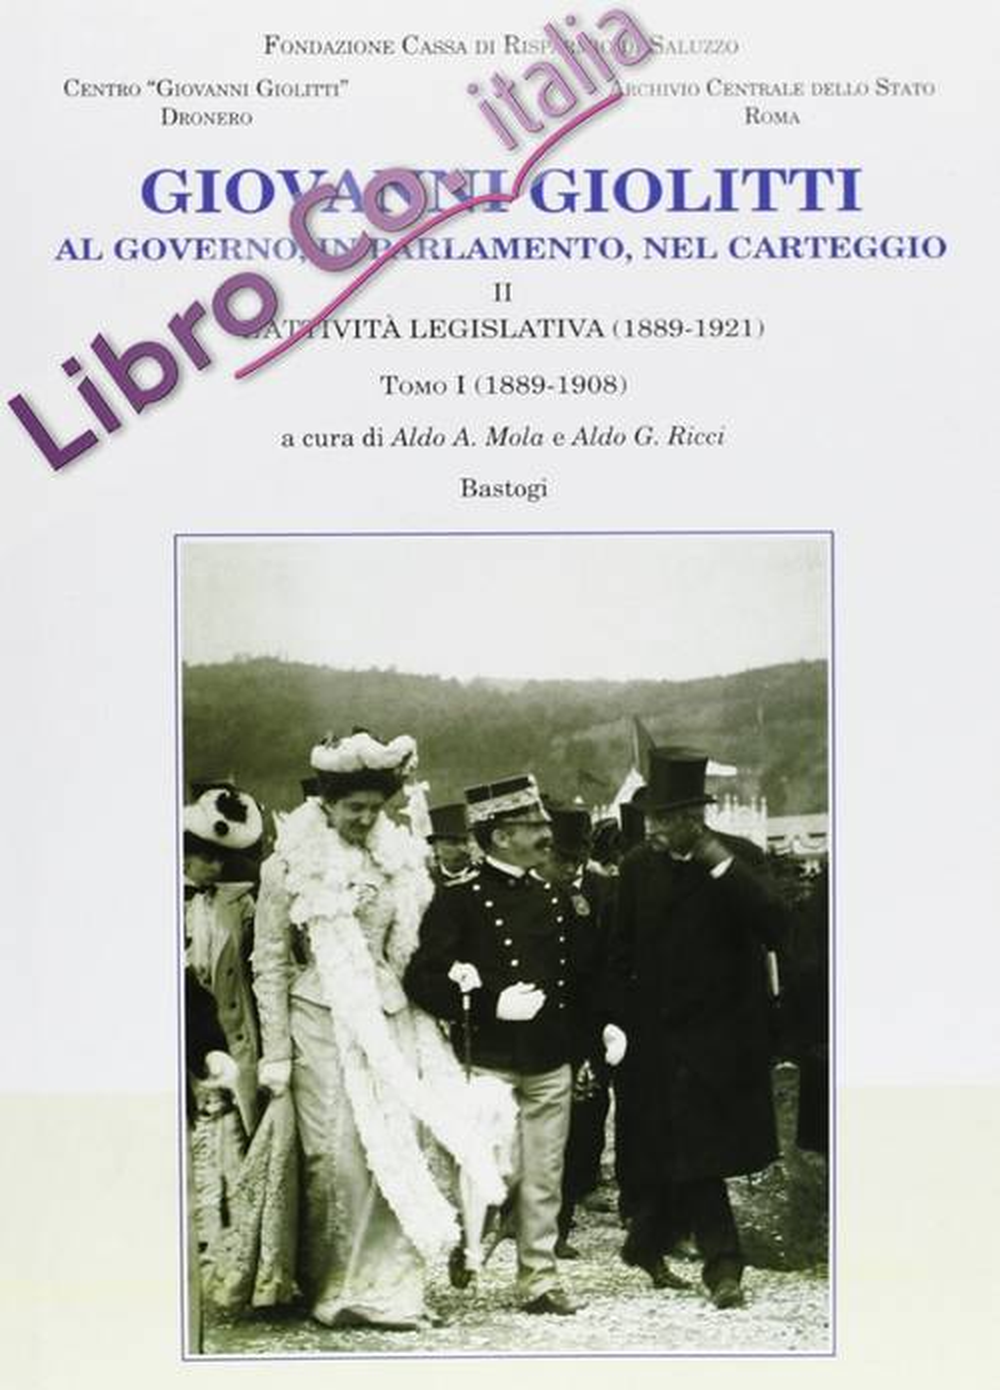 Giovanni Giolitti II. L'attività legislativa (1889-1921)